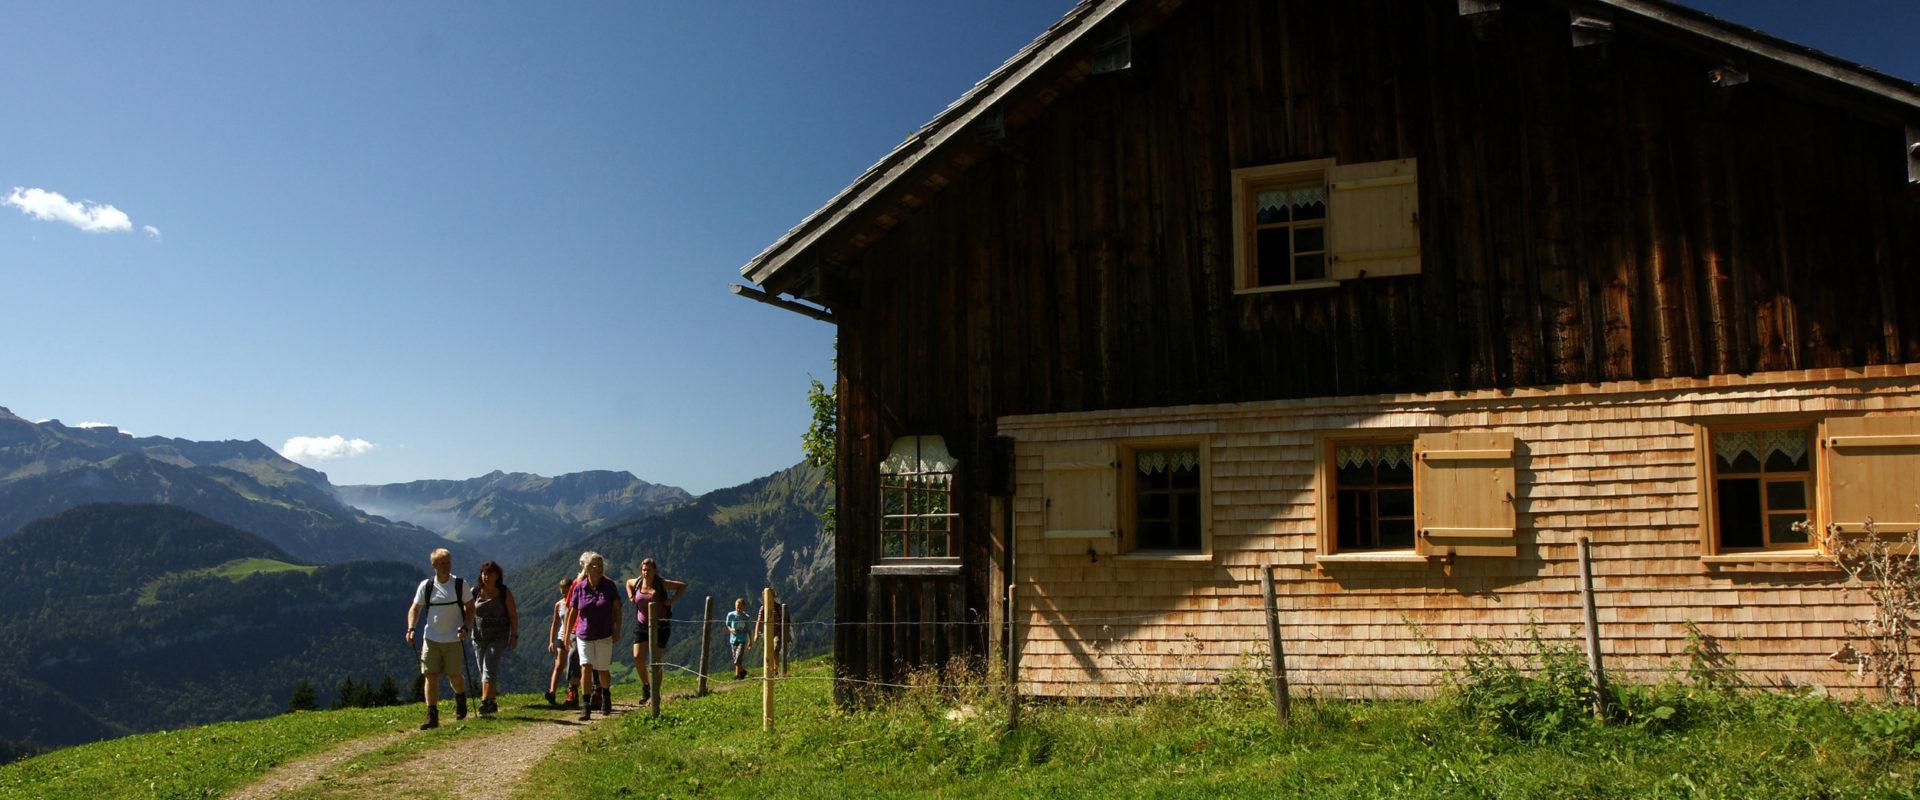 Wanderer Sonderdach © Ludwig Berchtold / Bregenzerwald Tourismus